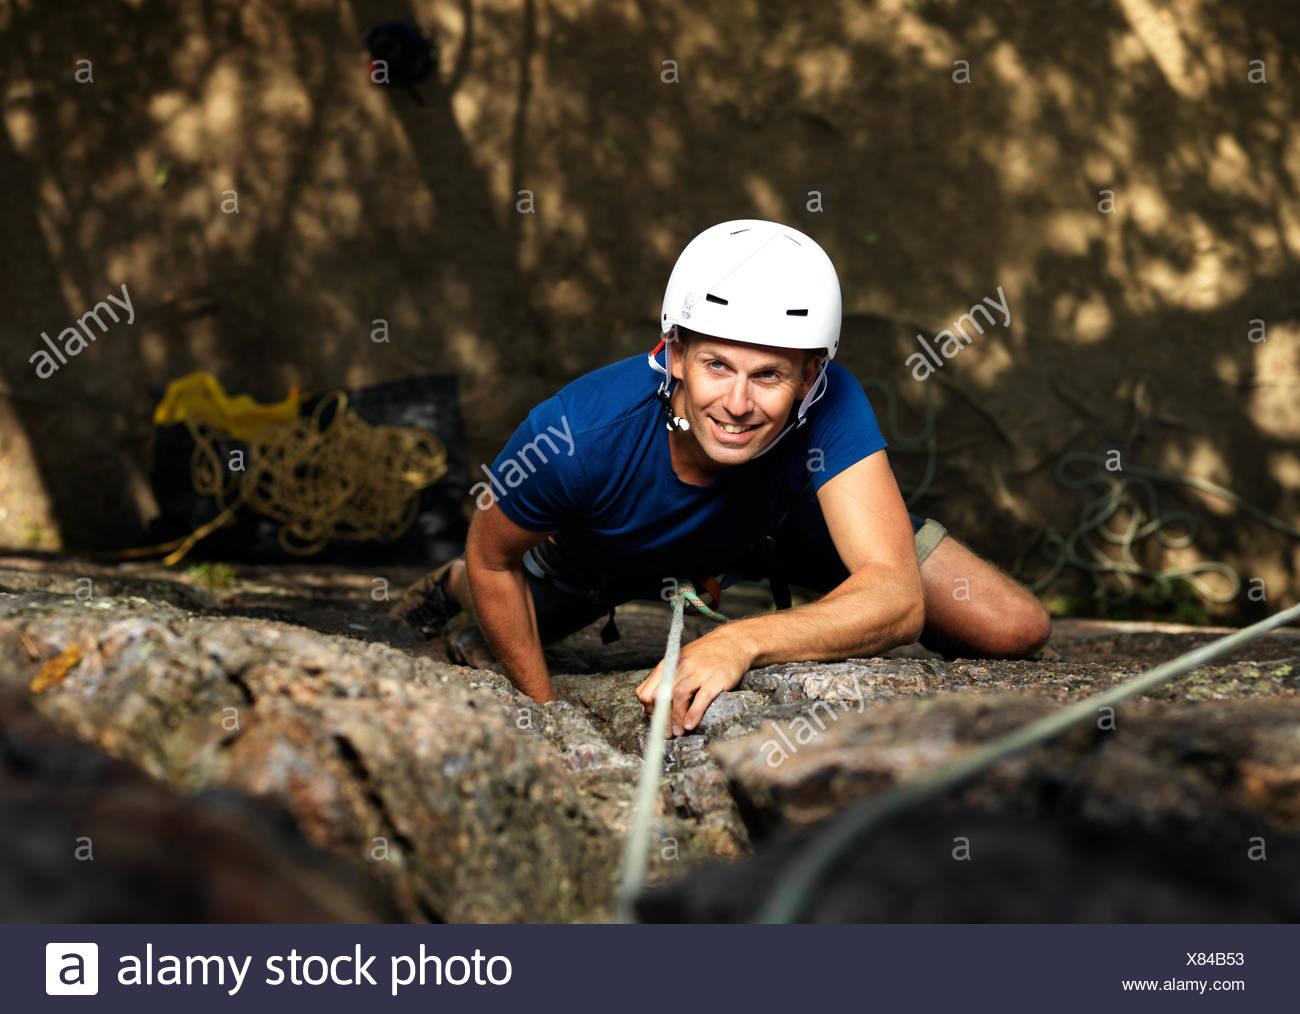 Suecia, Ostergotland, Agelsjon sonriente hombre escalada Imagen De Stock